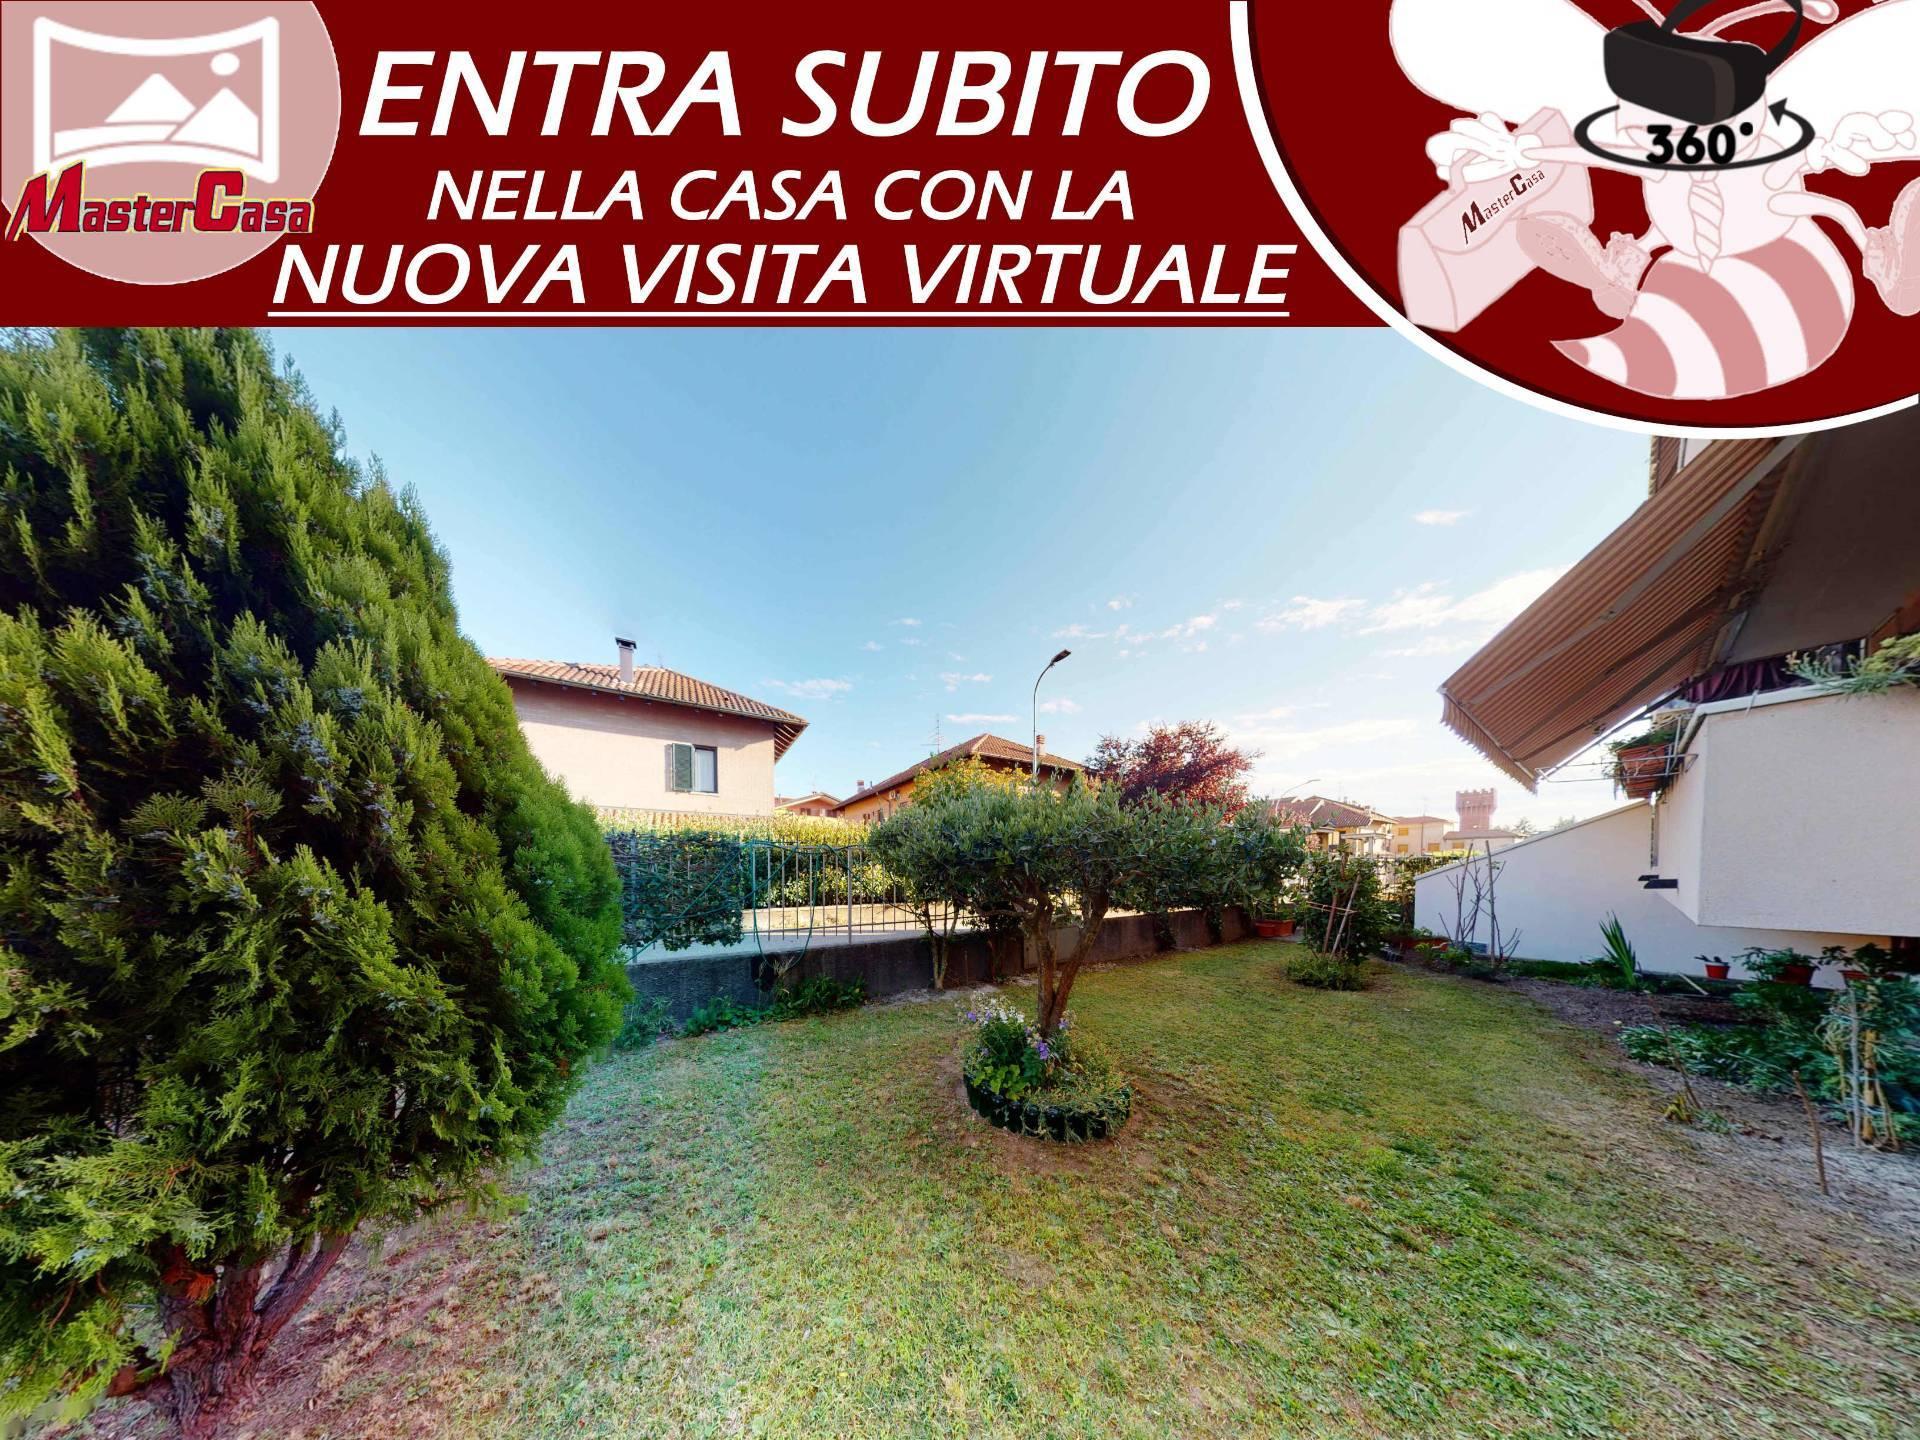 Appartamento in vendita a Lonate Ceppino, 4 locali, prezzo € 207.000 | PortaleAgenzieImmobiliari.it